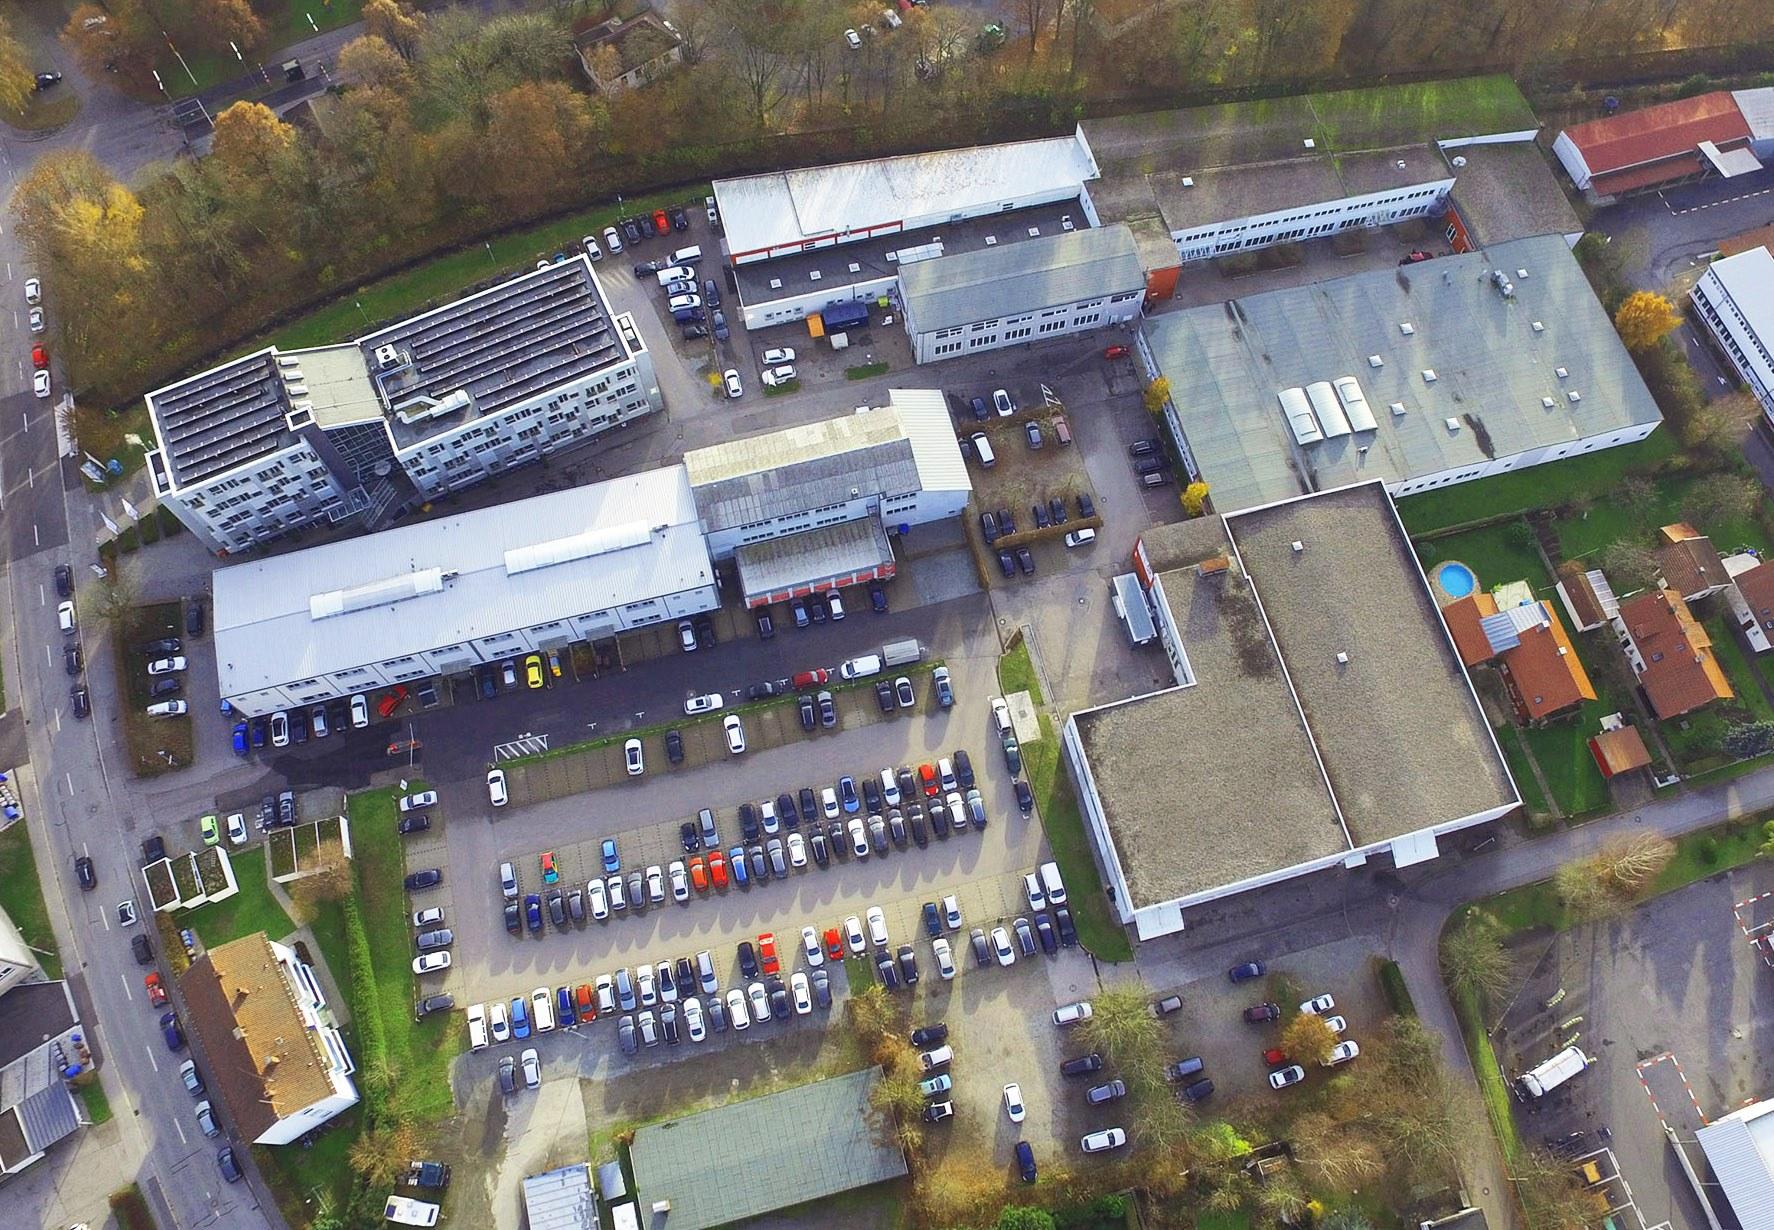 ITC1-Campus_Draufsicht_bearbeitet.jpg